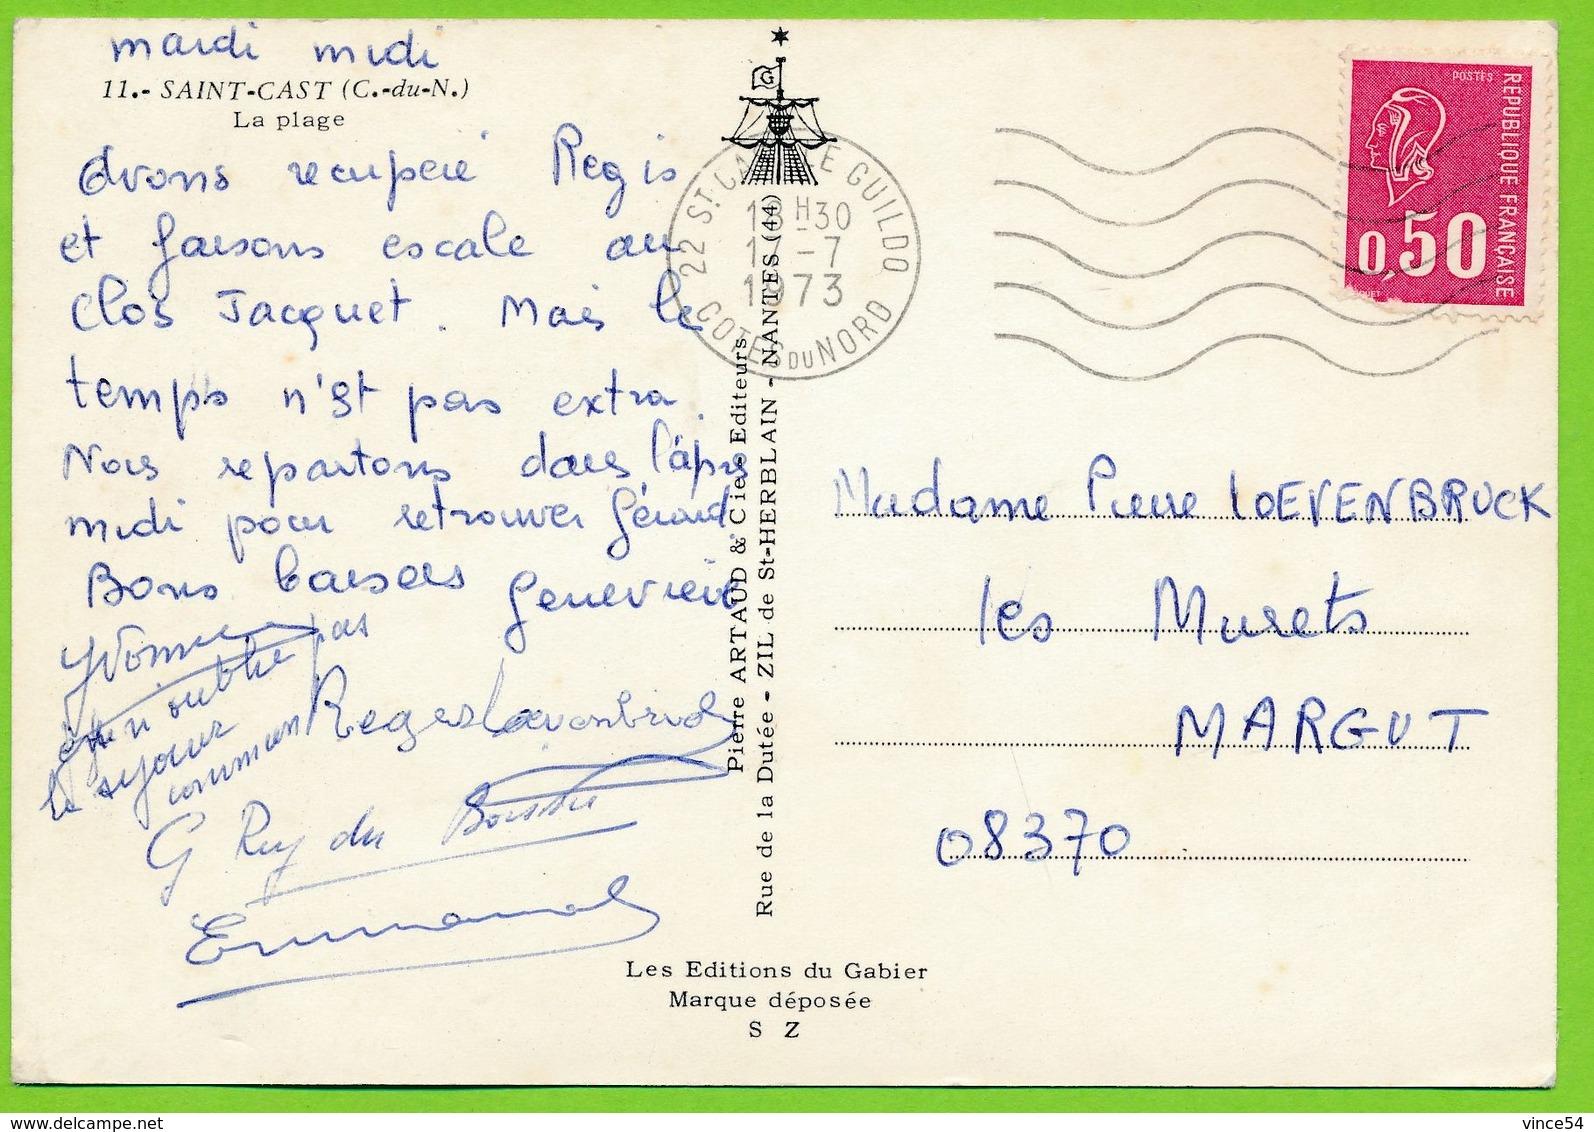 SAINT-CAST - La Plage Club Des Benjamins Mercedes W114 VW 1200 Autos Carte Circulé 1973 - Saint-Cast-le-Guildo